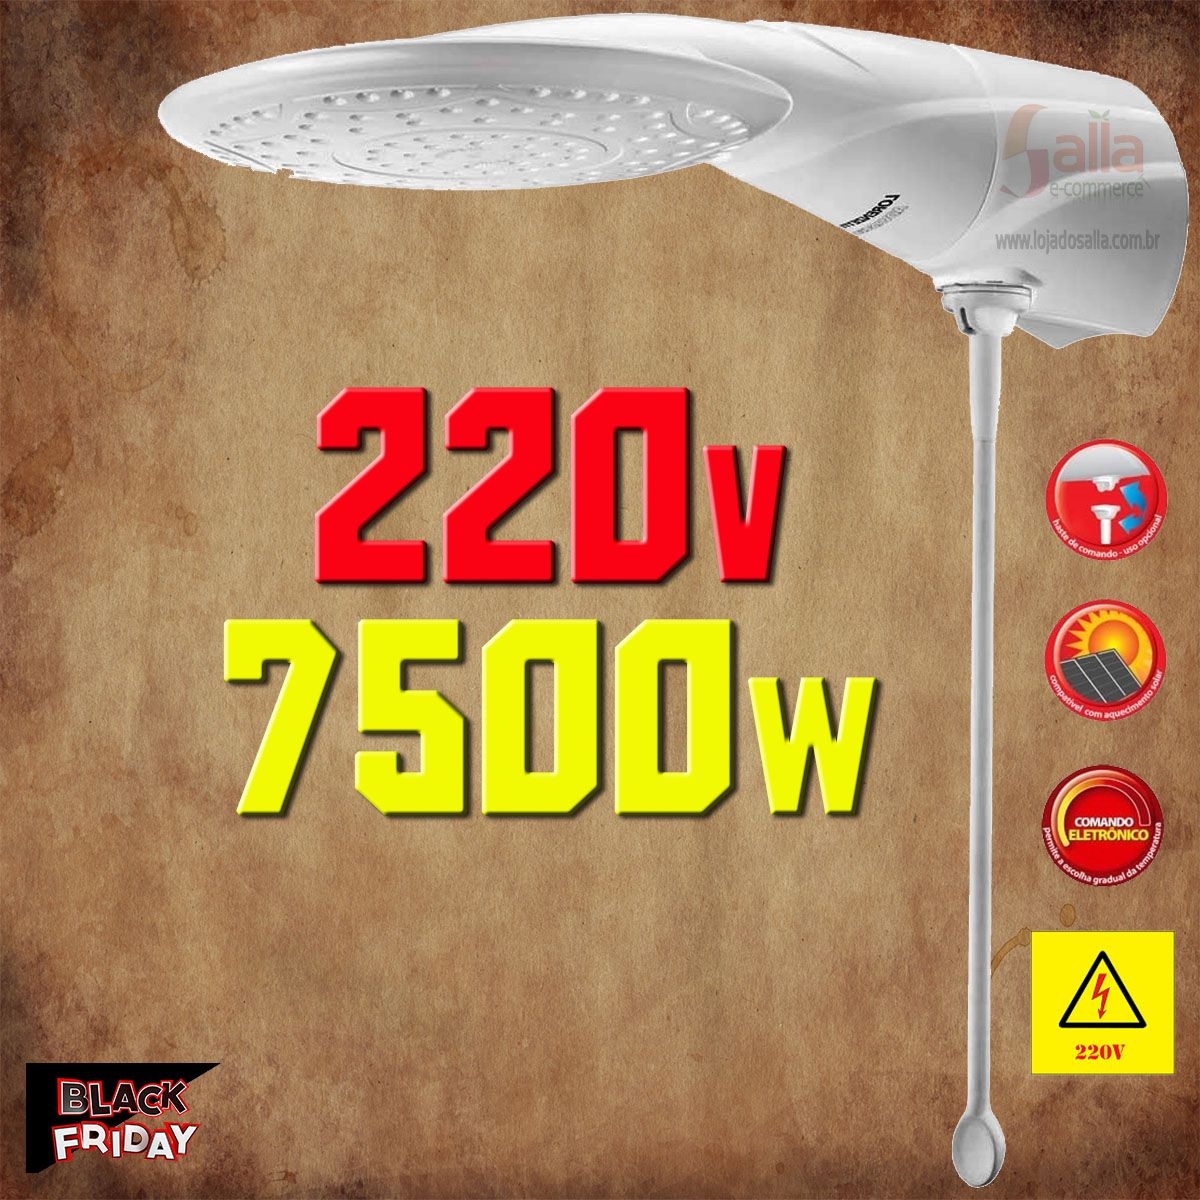 Chuveiro Advanced Ducha Temperatura Eletrônica Lorenzetti 7500w 220v com Haste Prolongadora